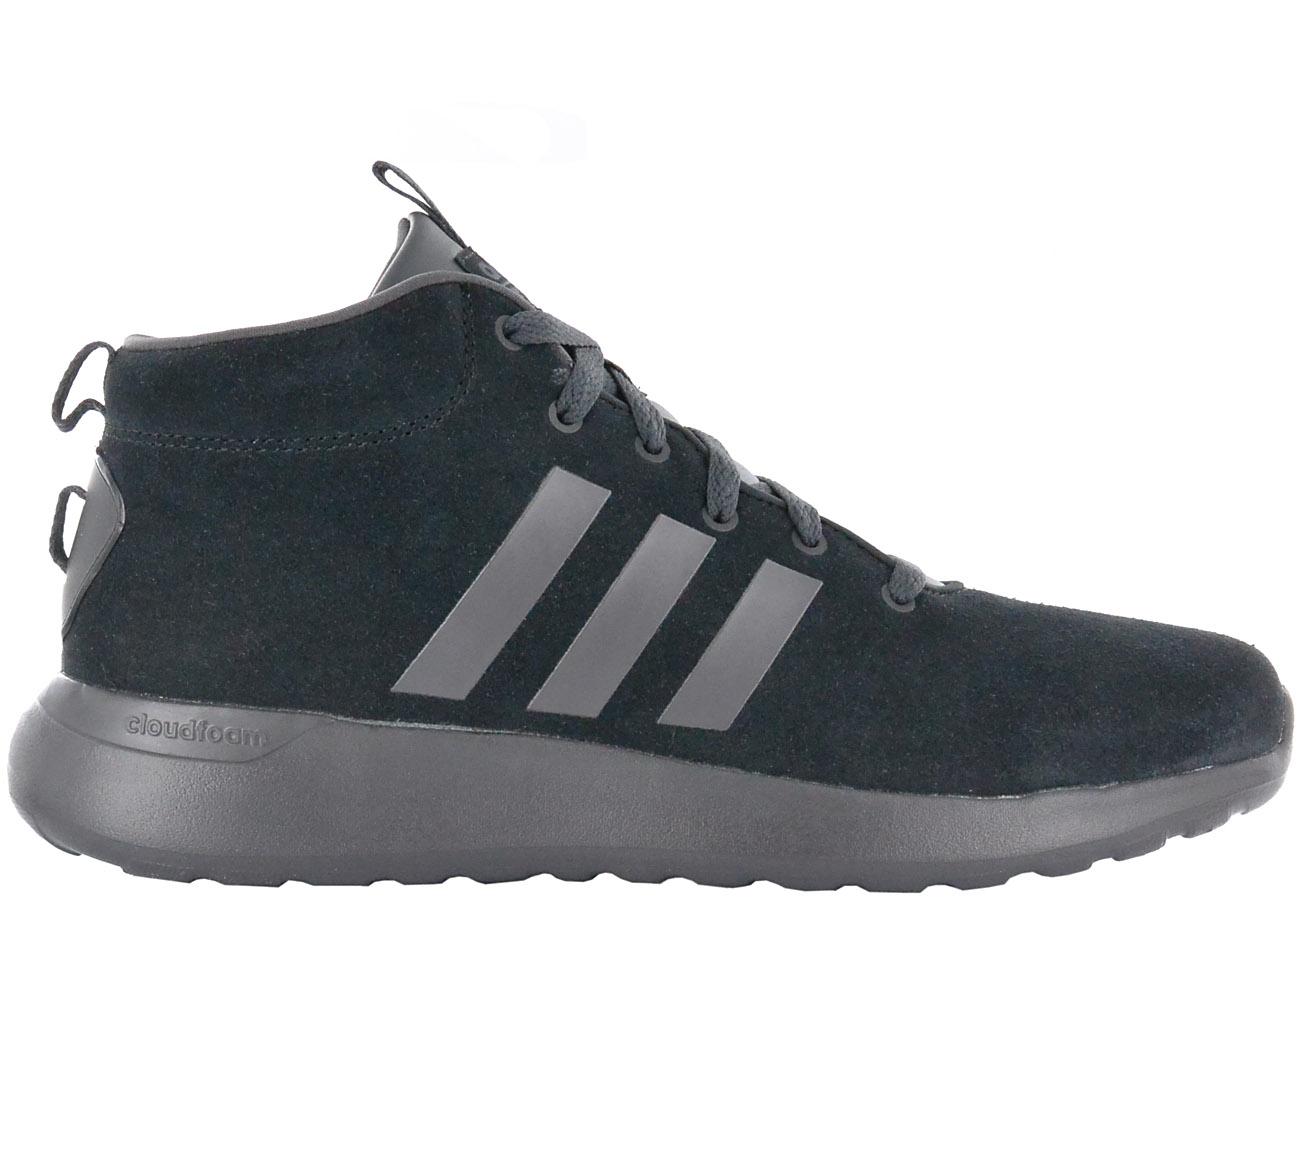 Adidas-Originals-Scarpe-da-Ginnastica-Uomo-Lifestyle-Casual-x-Plr-Nmd